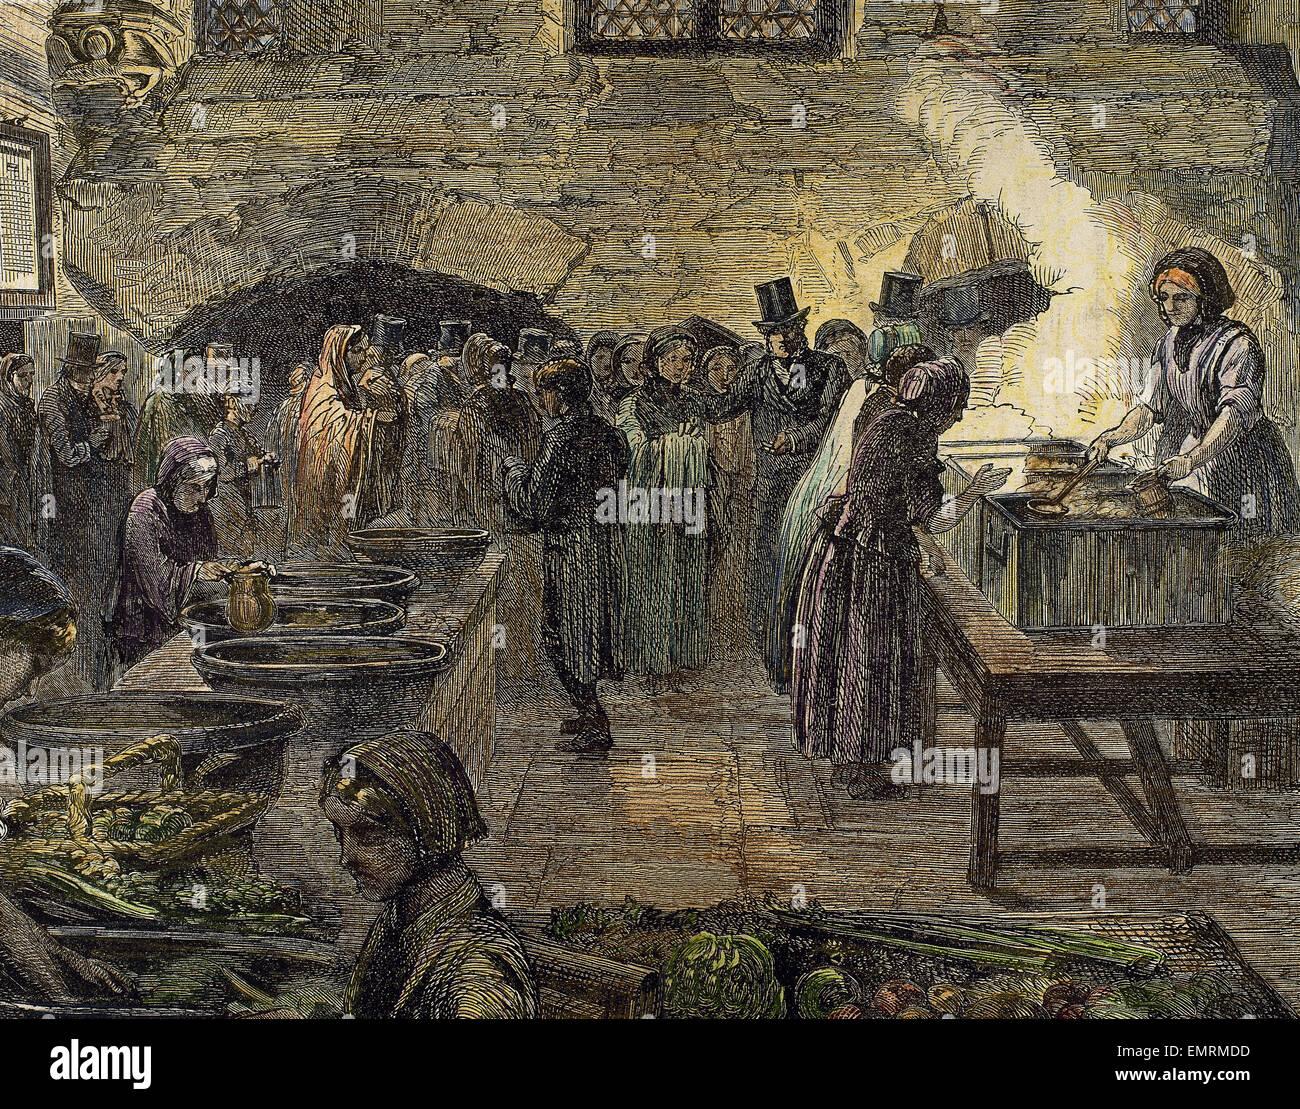 Lancashire carestia di cotone (1861-65). Depressione nell'industria tessile di nord-ovest Inghilterra. Le persone Immagini Stock